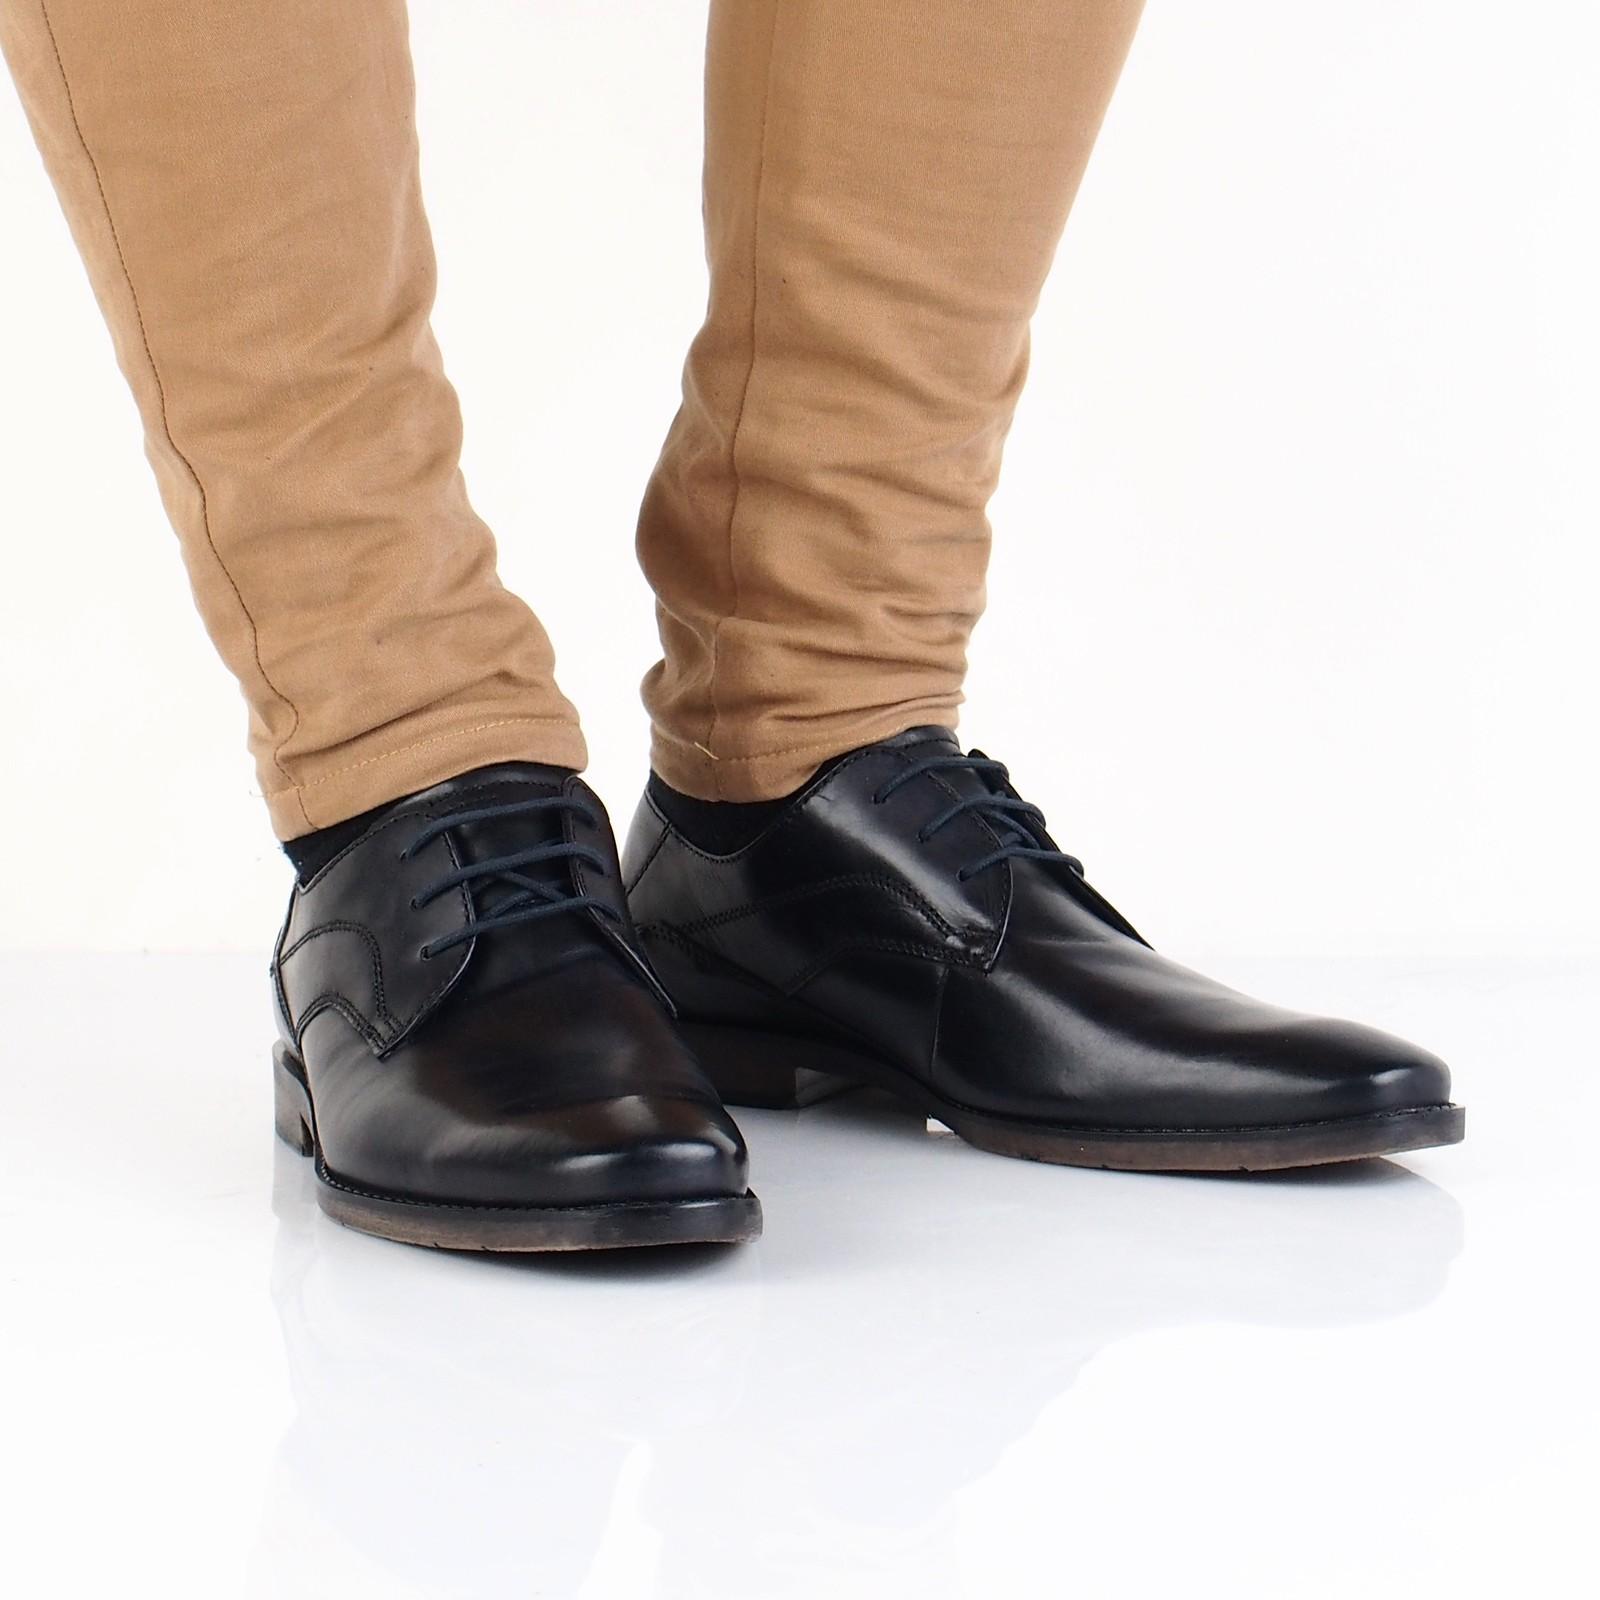 bf90c0d1f0 Bugatti pánske kožené spoločenské topánky - čierne ...